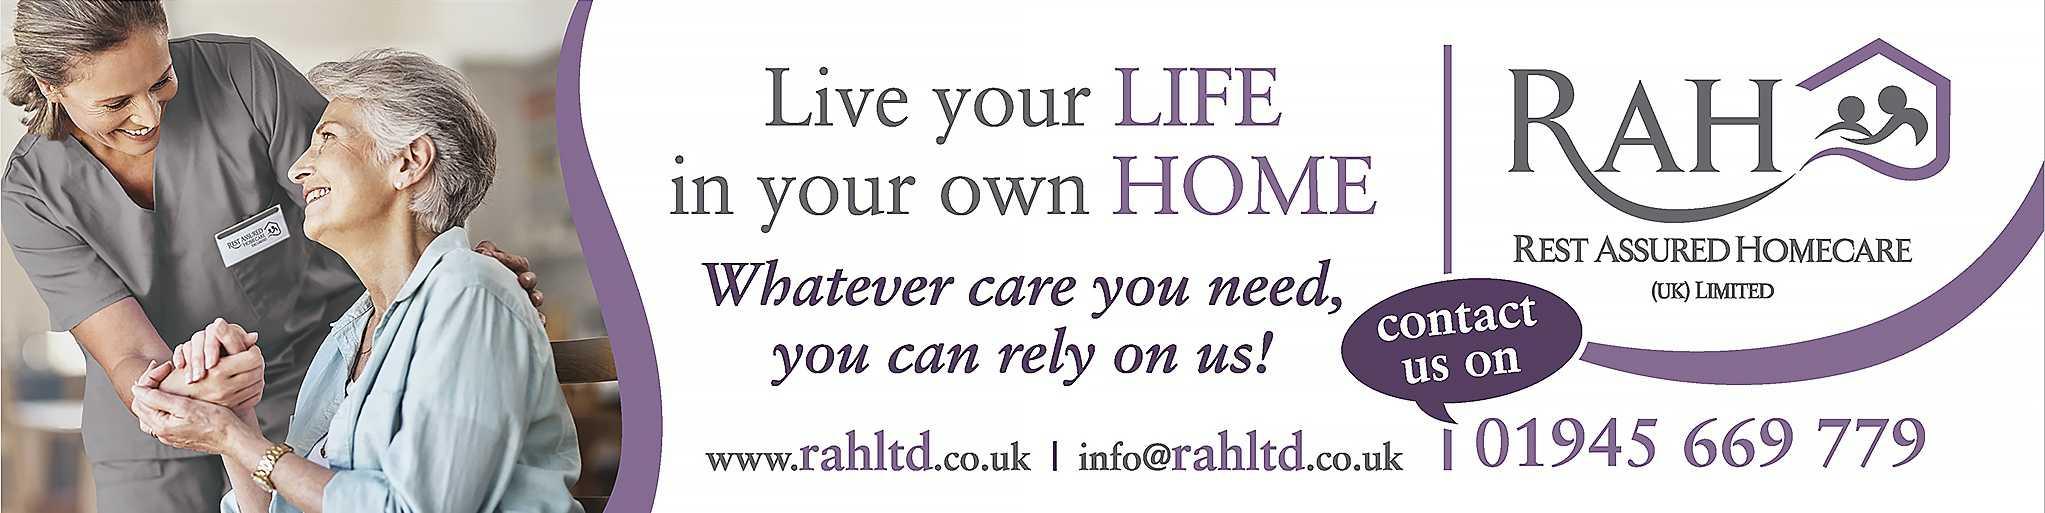 Rest Assured Homecare